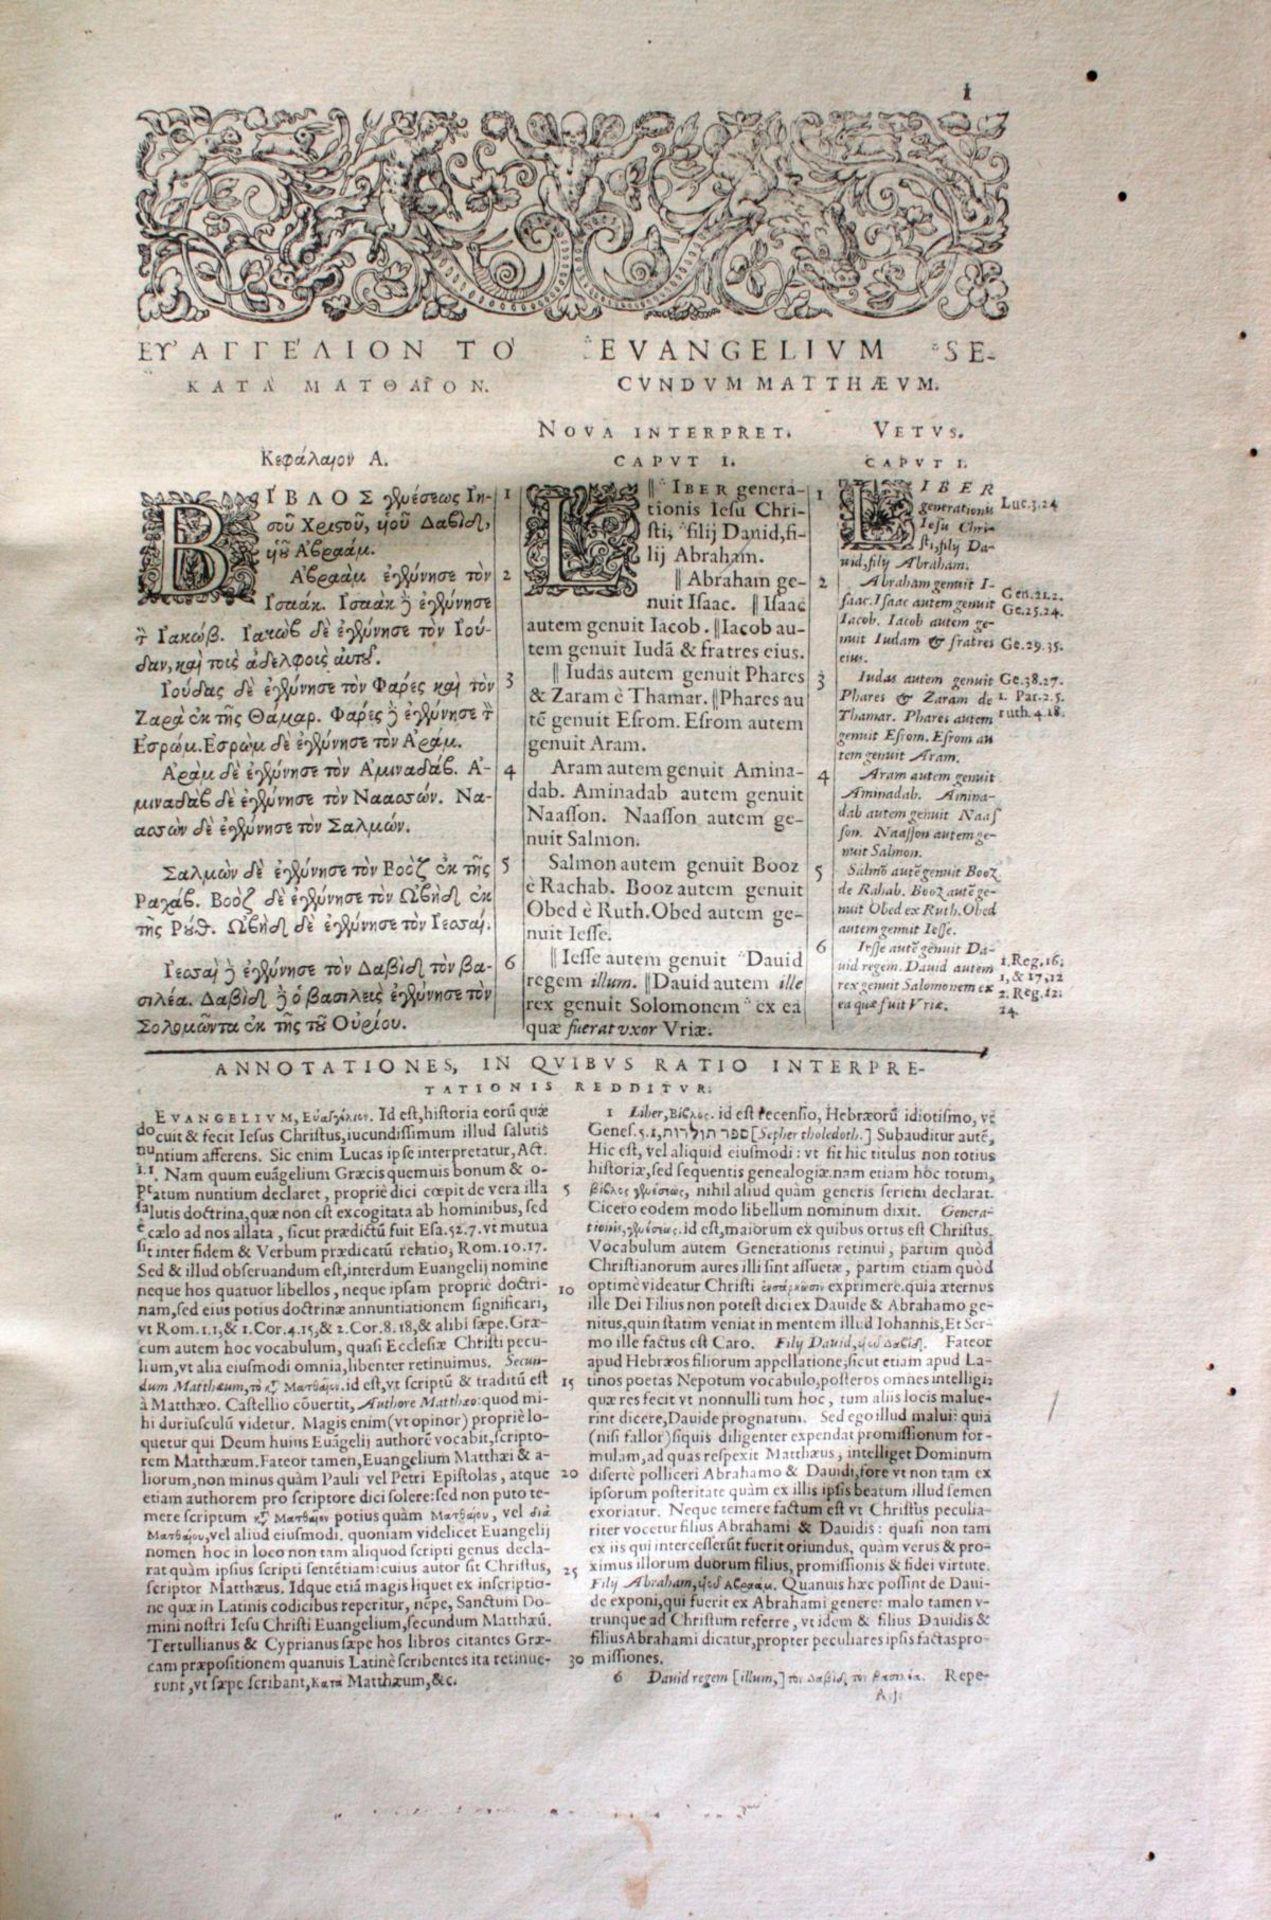 Griechische-Lateinische Bibel, Novum Testamentum 1582 - Bild 7 aus 23